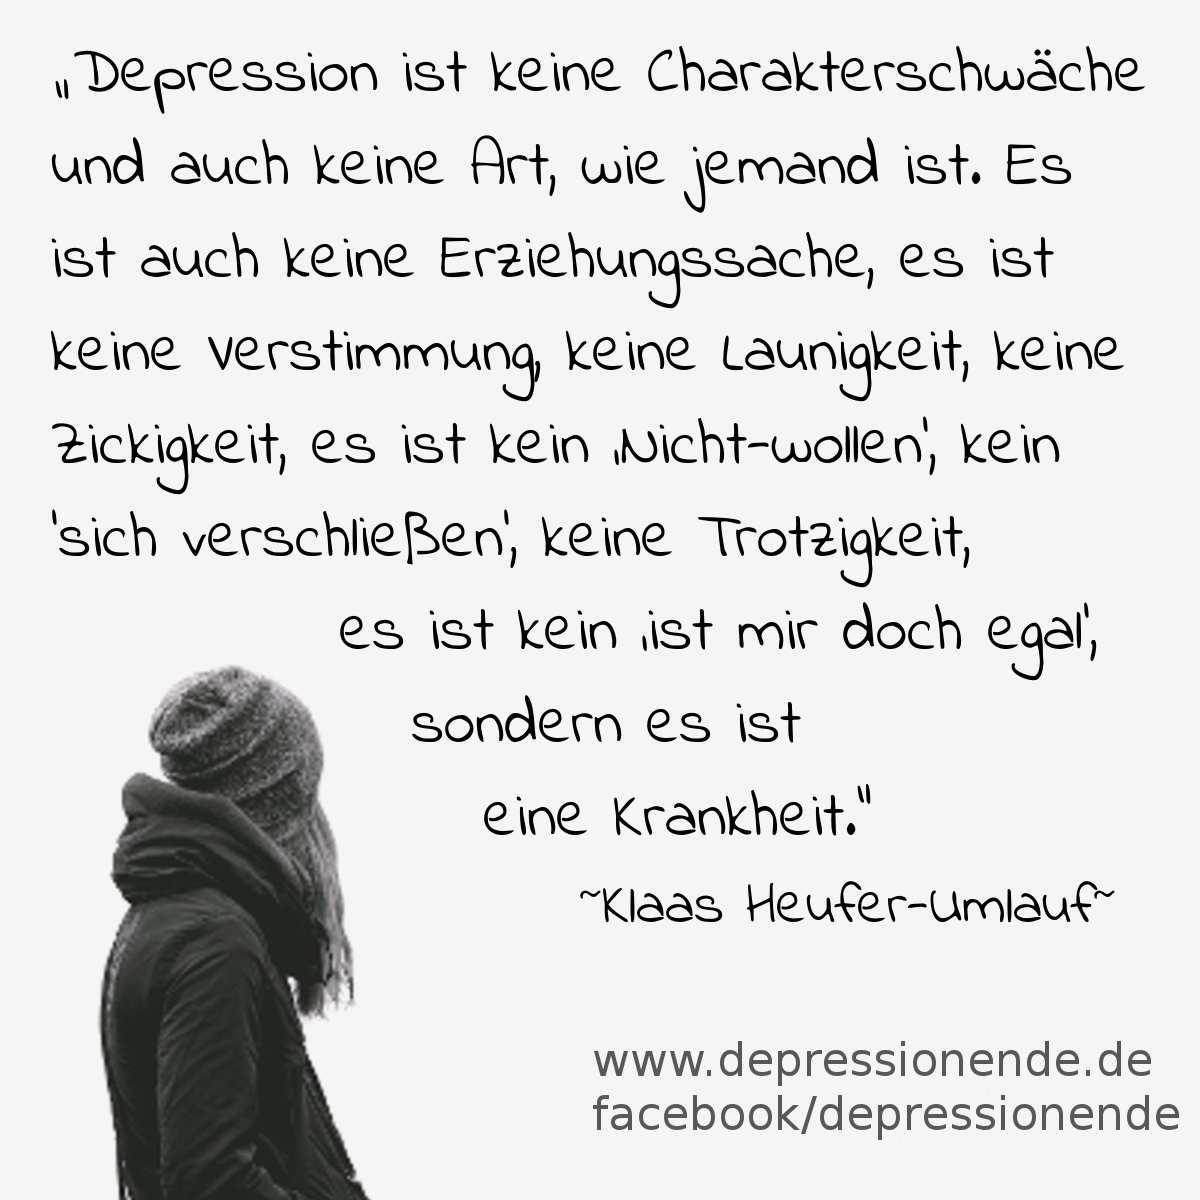 Klaas Heufer Umlauf über Depressionen Spruchbild: Depression Ist Keine  Charakterschwäche Und Auch Keine Art, Wie Jemand Ist. Es